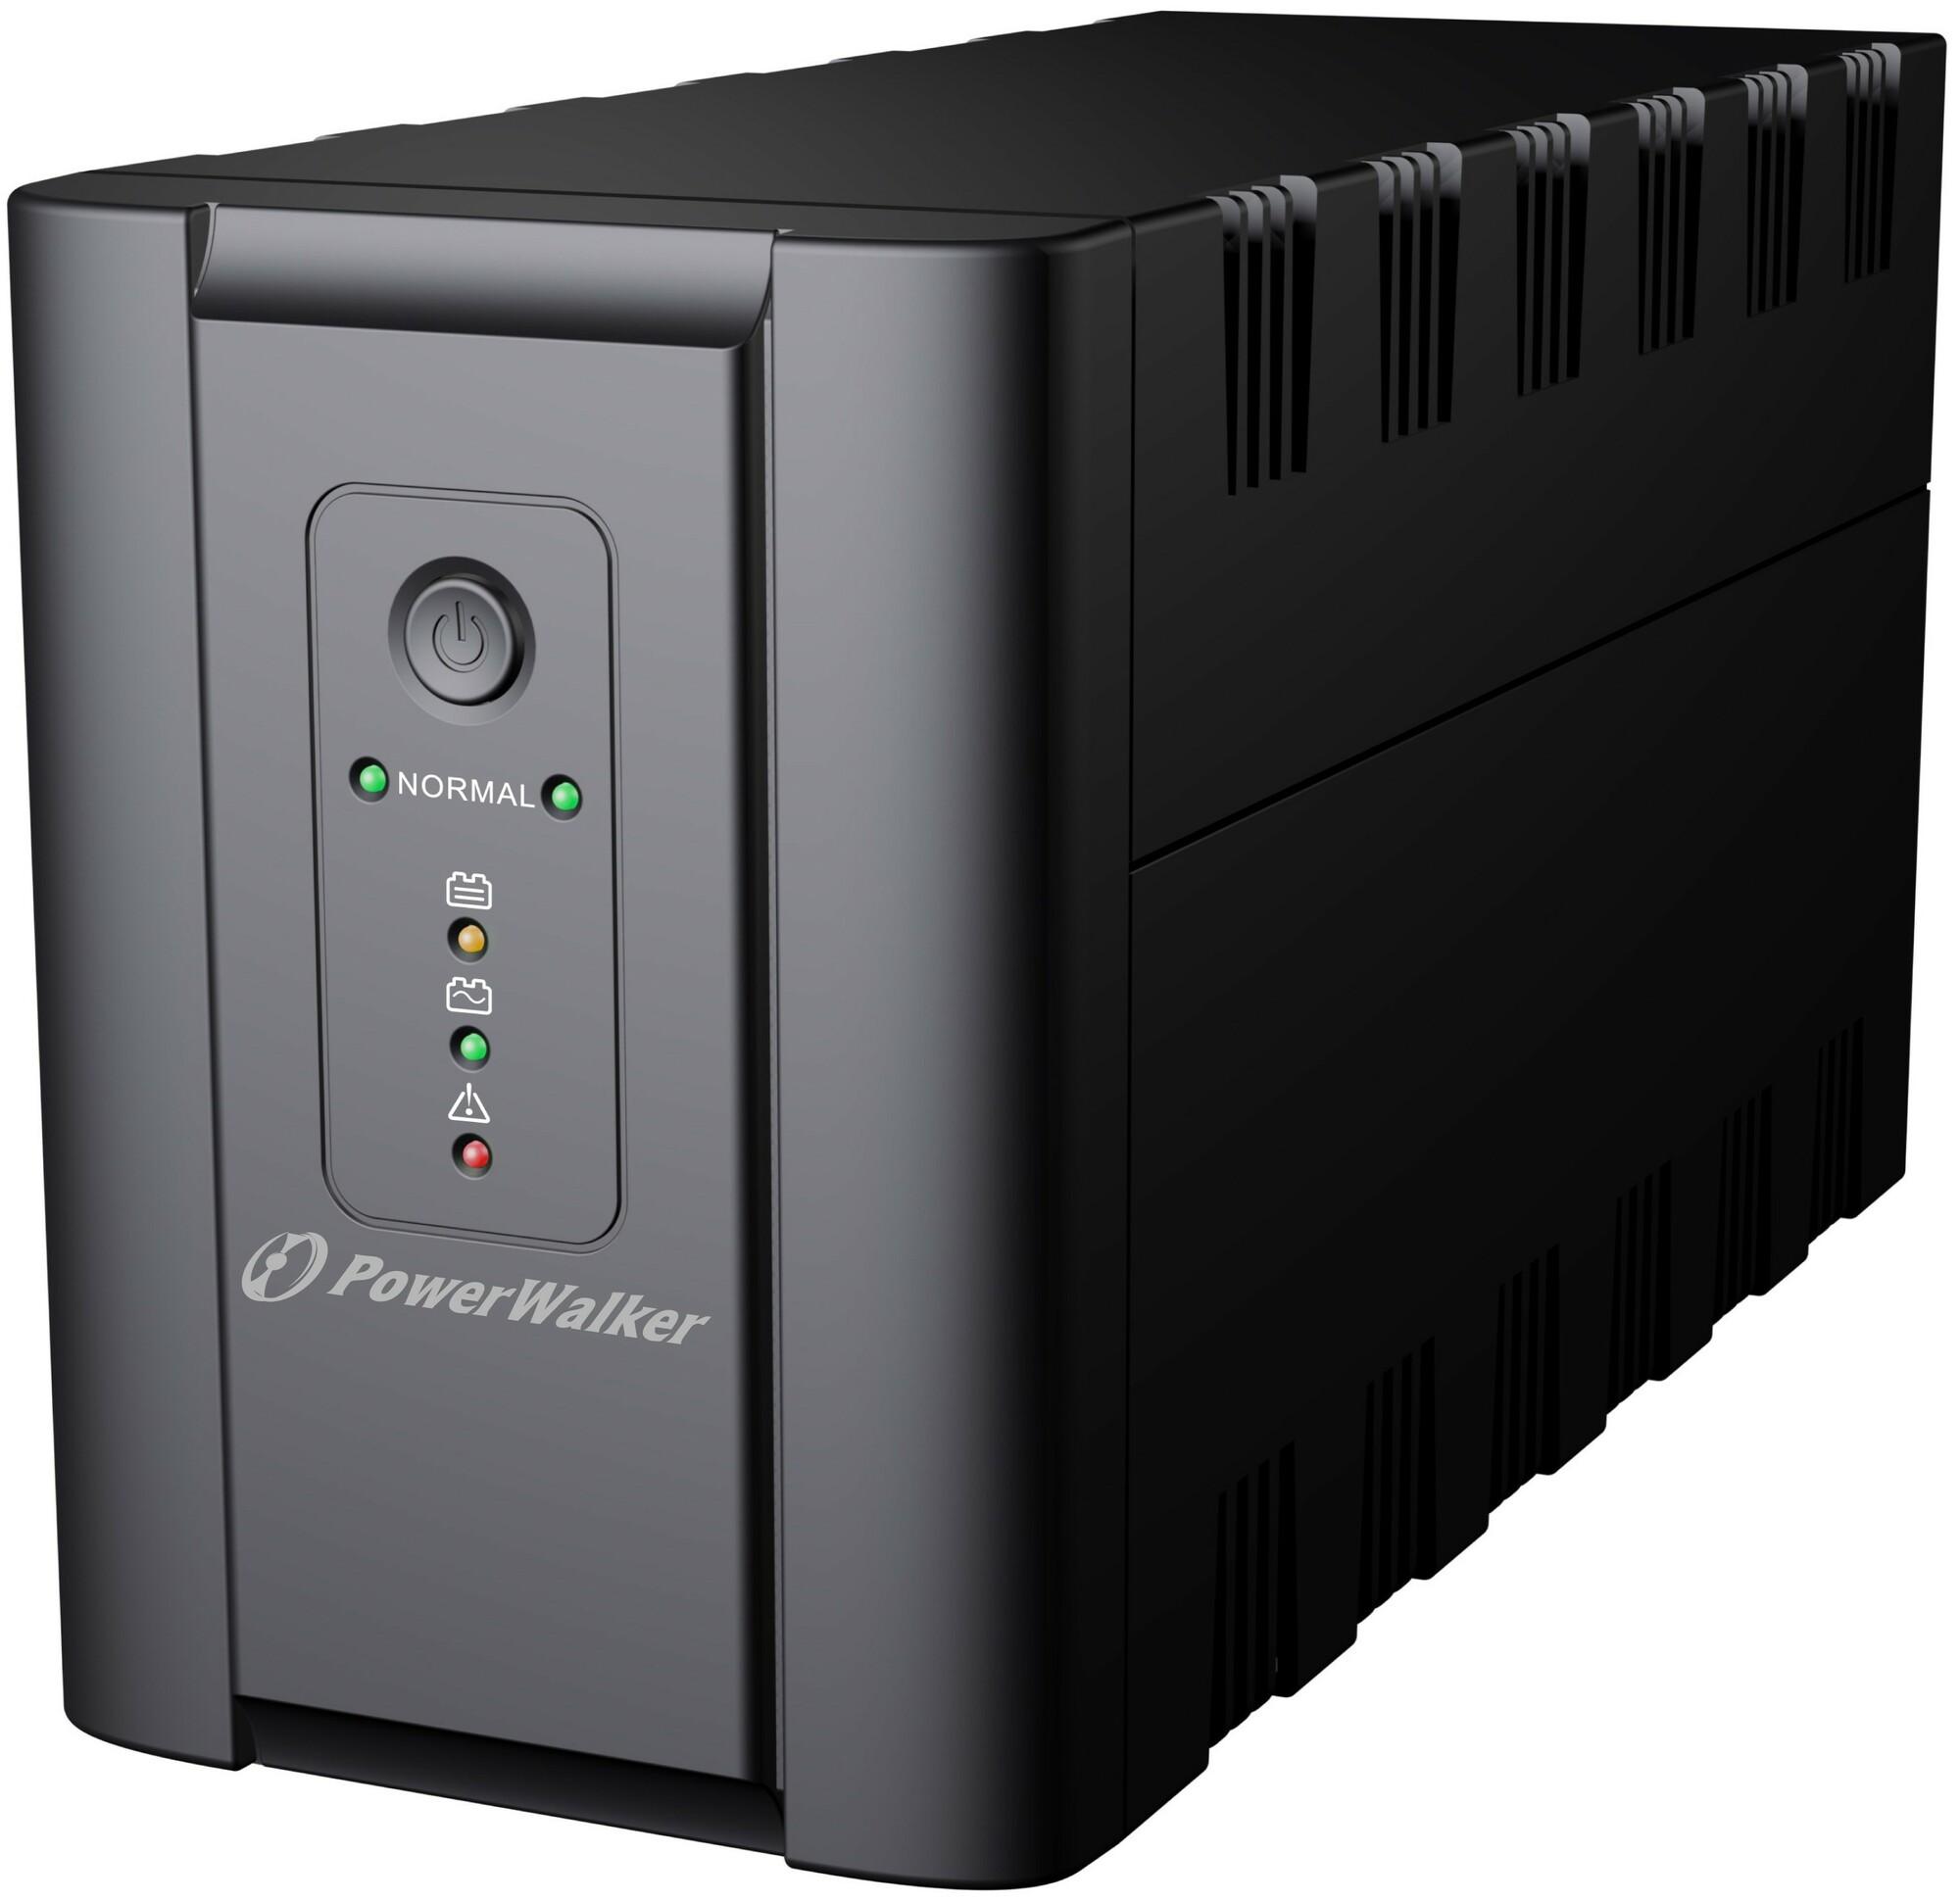 Afbeelding van PowerWalker Line-Interactive 1200VA UPS